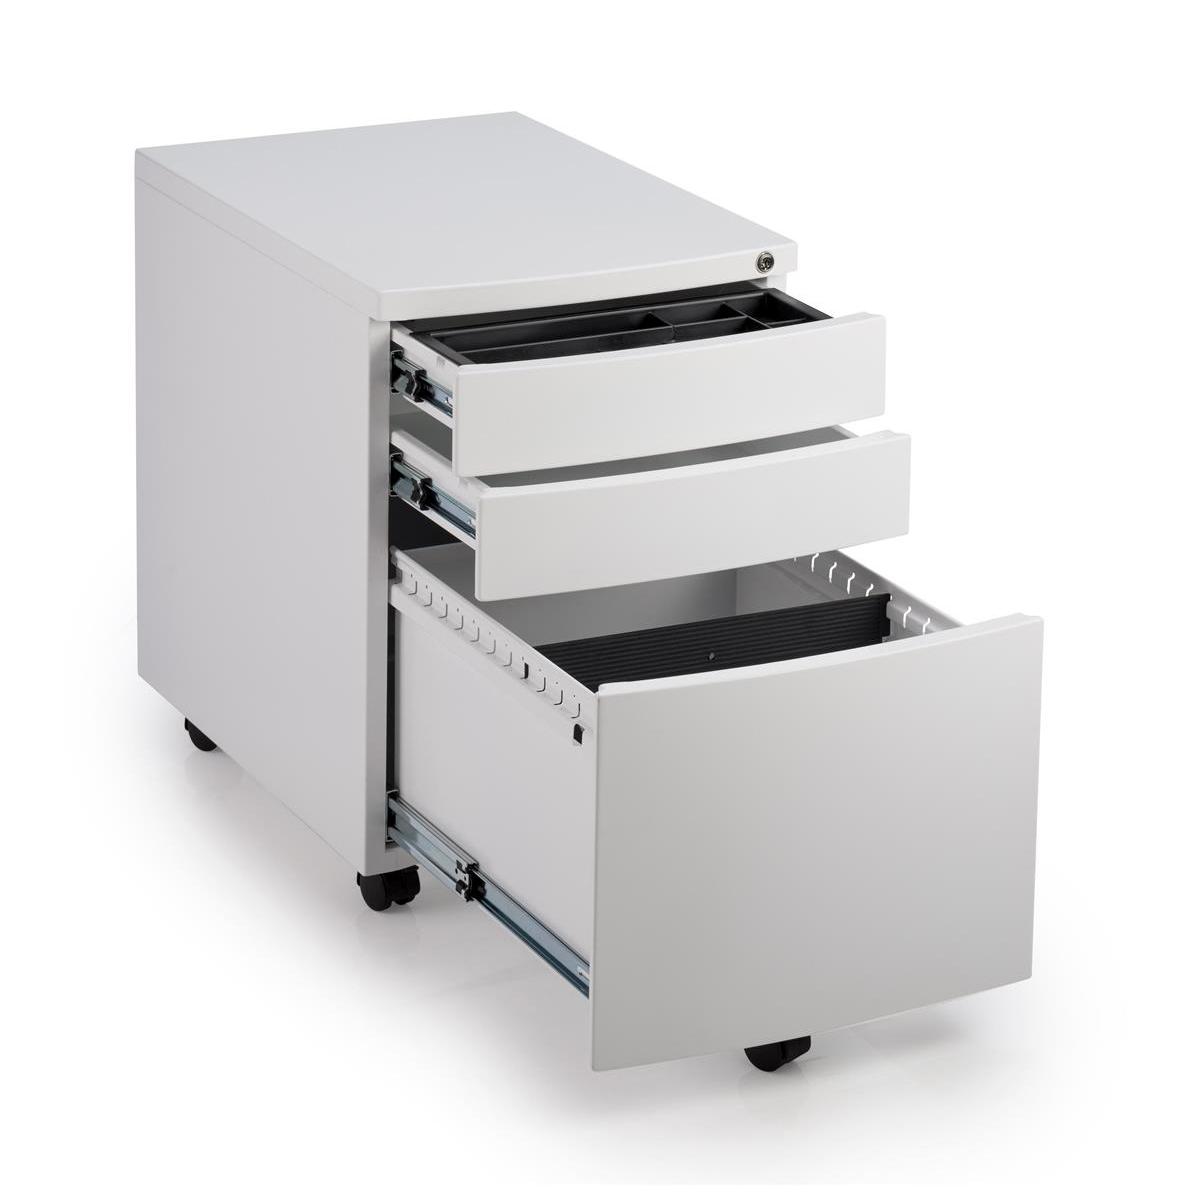 Trexus Standard Steel 3 Drawer Pedestal 390x565x558mm White Ref SMP2WHITE